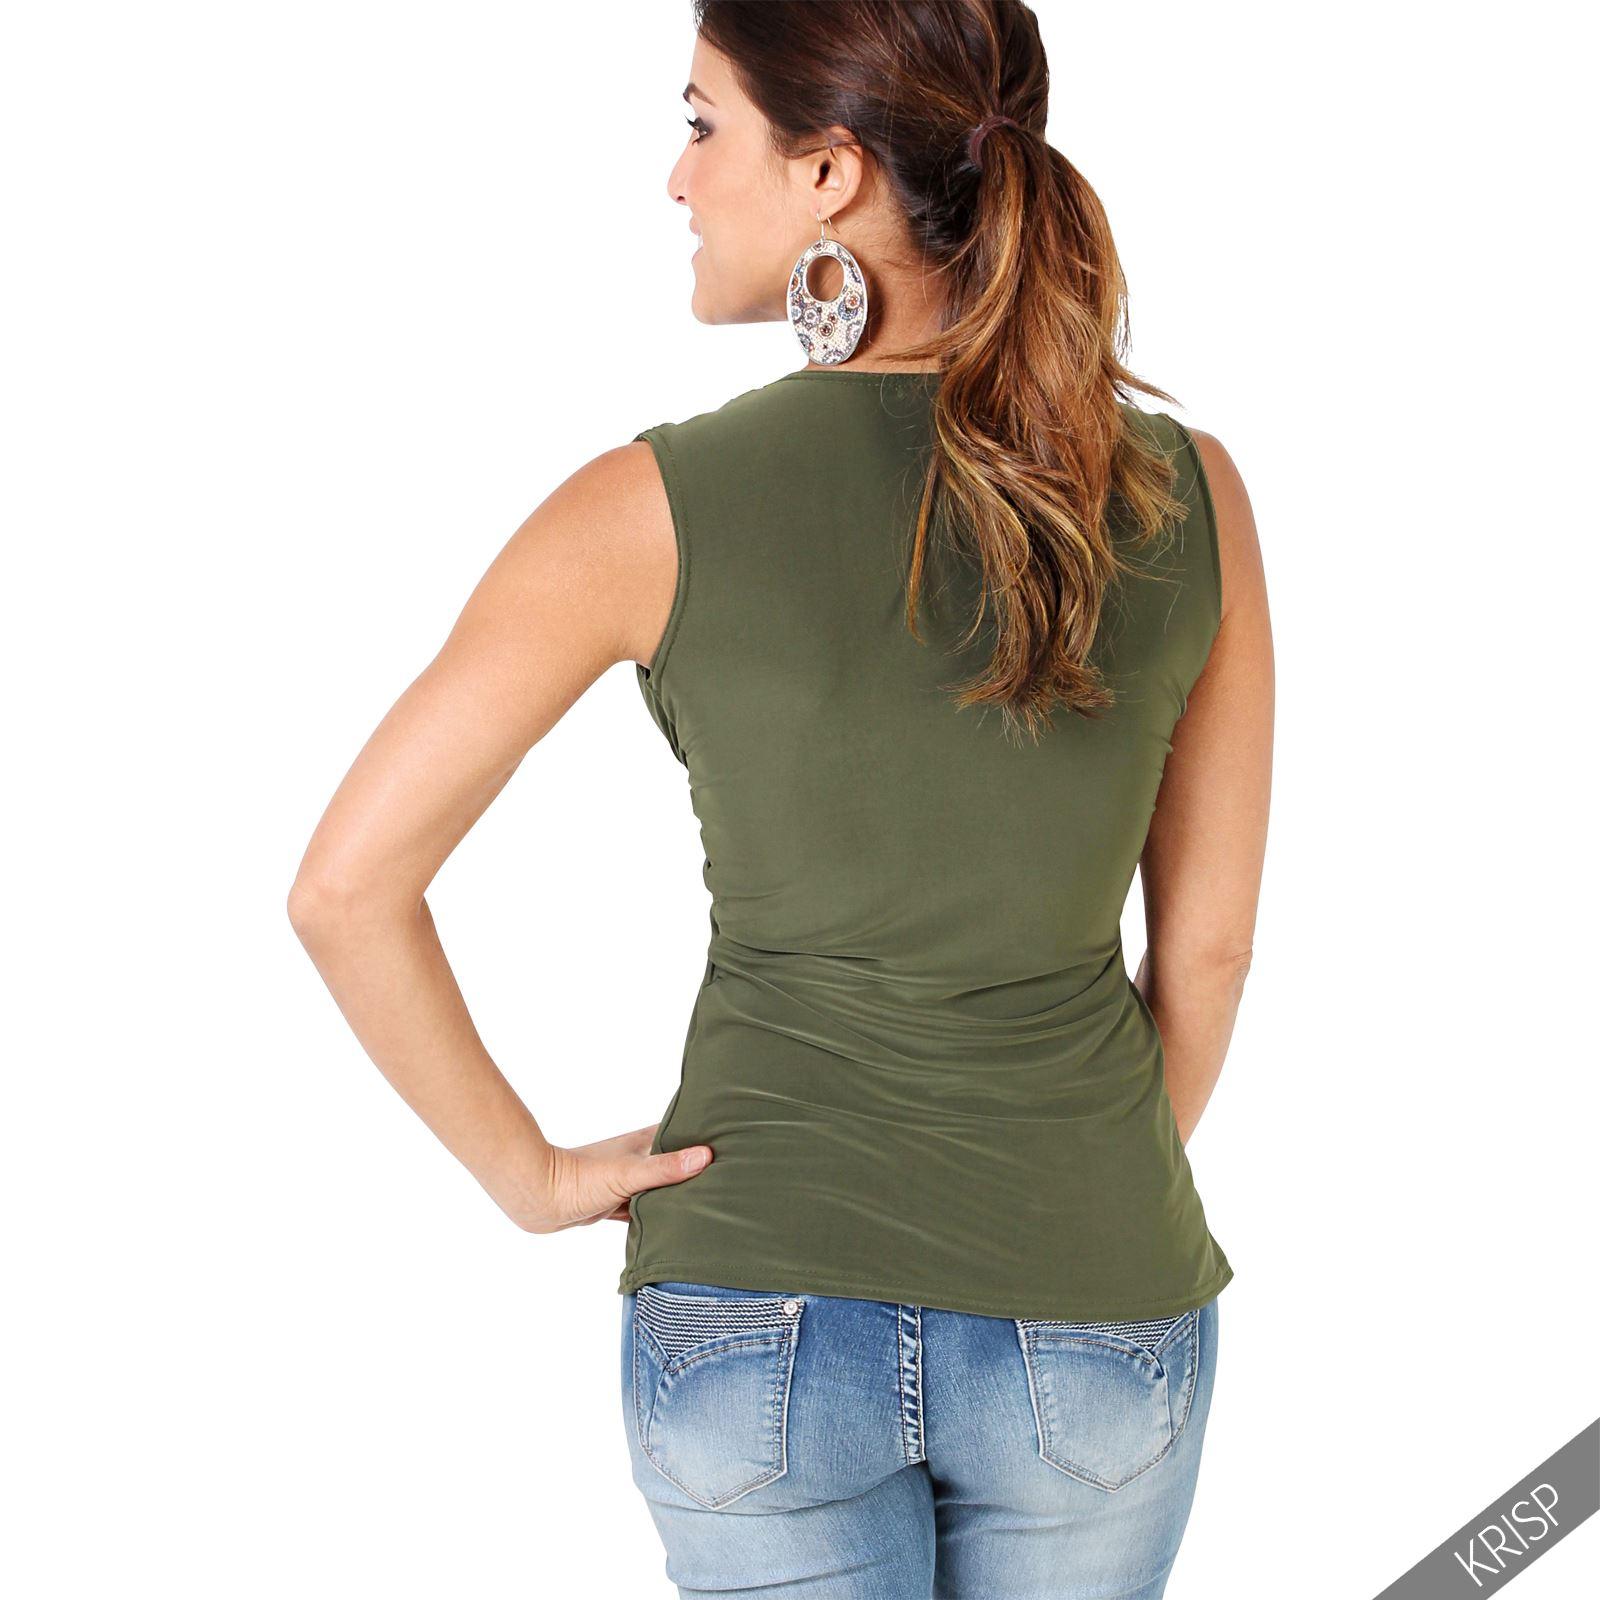 Femmes-Haut-Debardeur-T-shirt-Tee-Shirt-Top-Sans-Manche-Uni-Affaires-Ete-Plage miniature 6